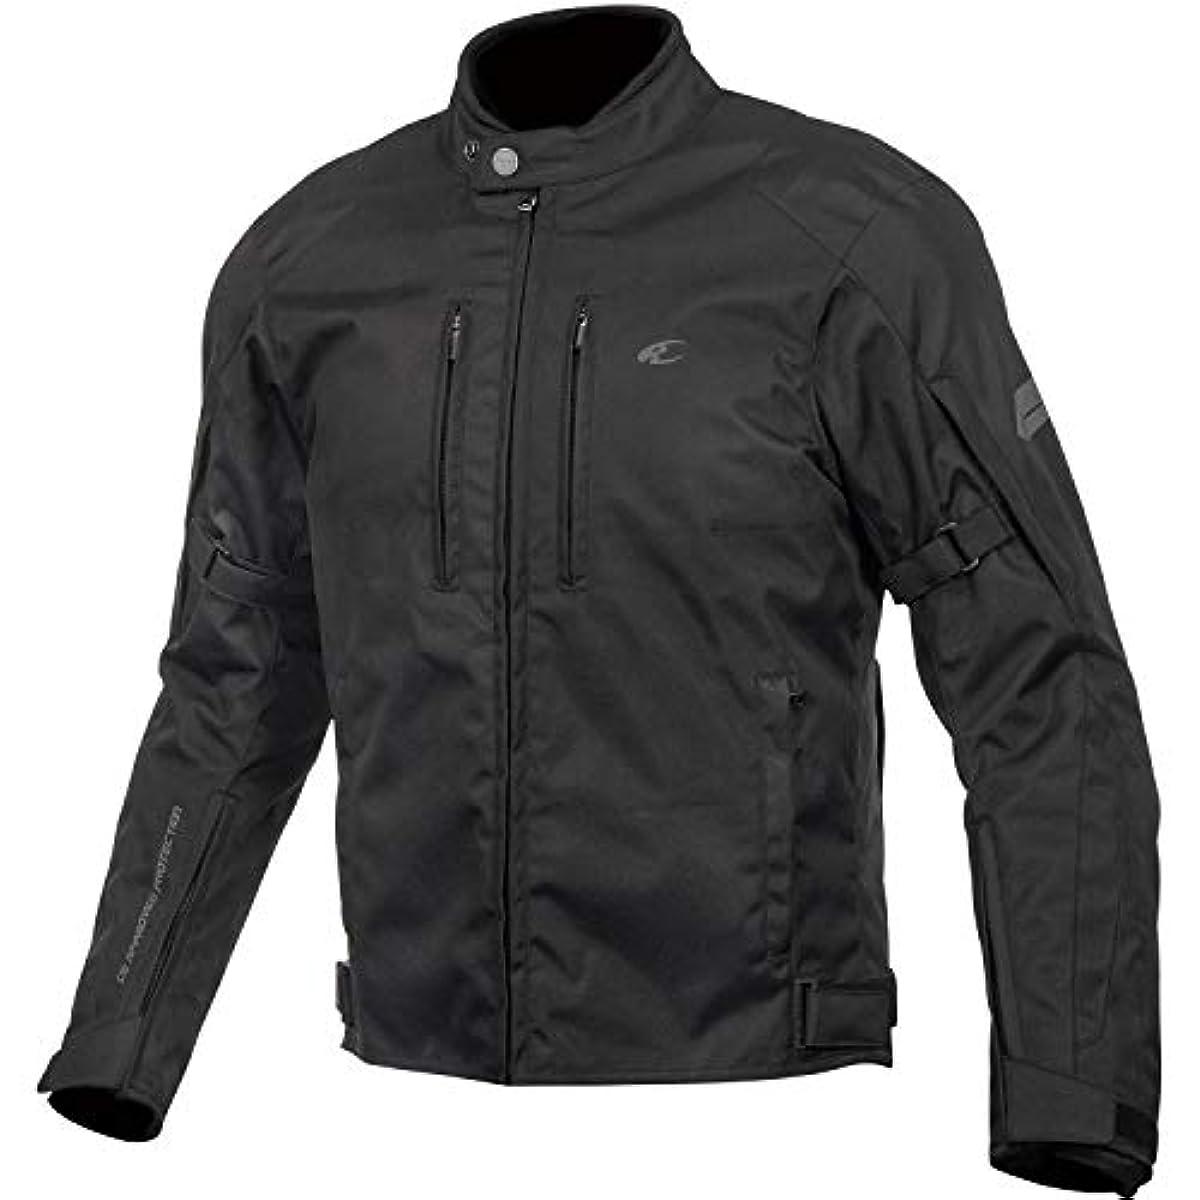 [해외] 코미네 KOMINE 오토바이 프로텍트 윈터 재킷 보온 이너 프로텍터 추동 BLACK XL 07-603 JK-603 07-603